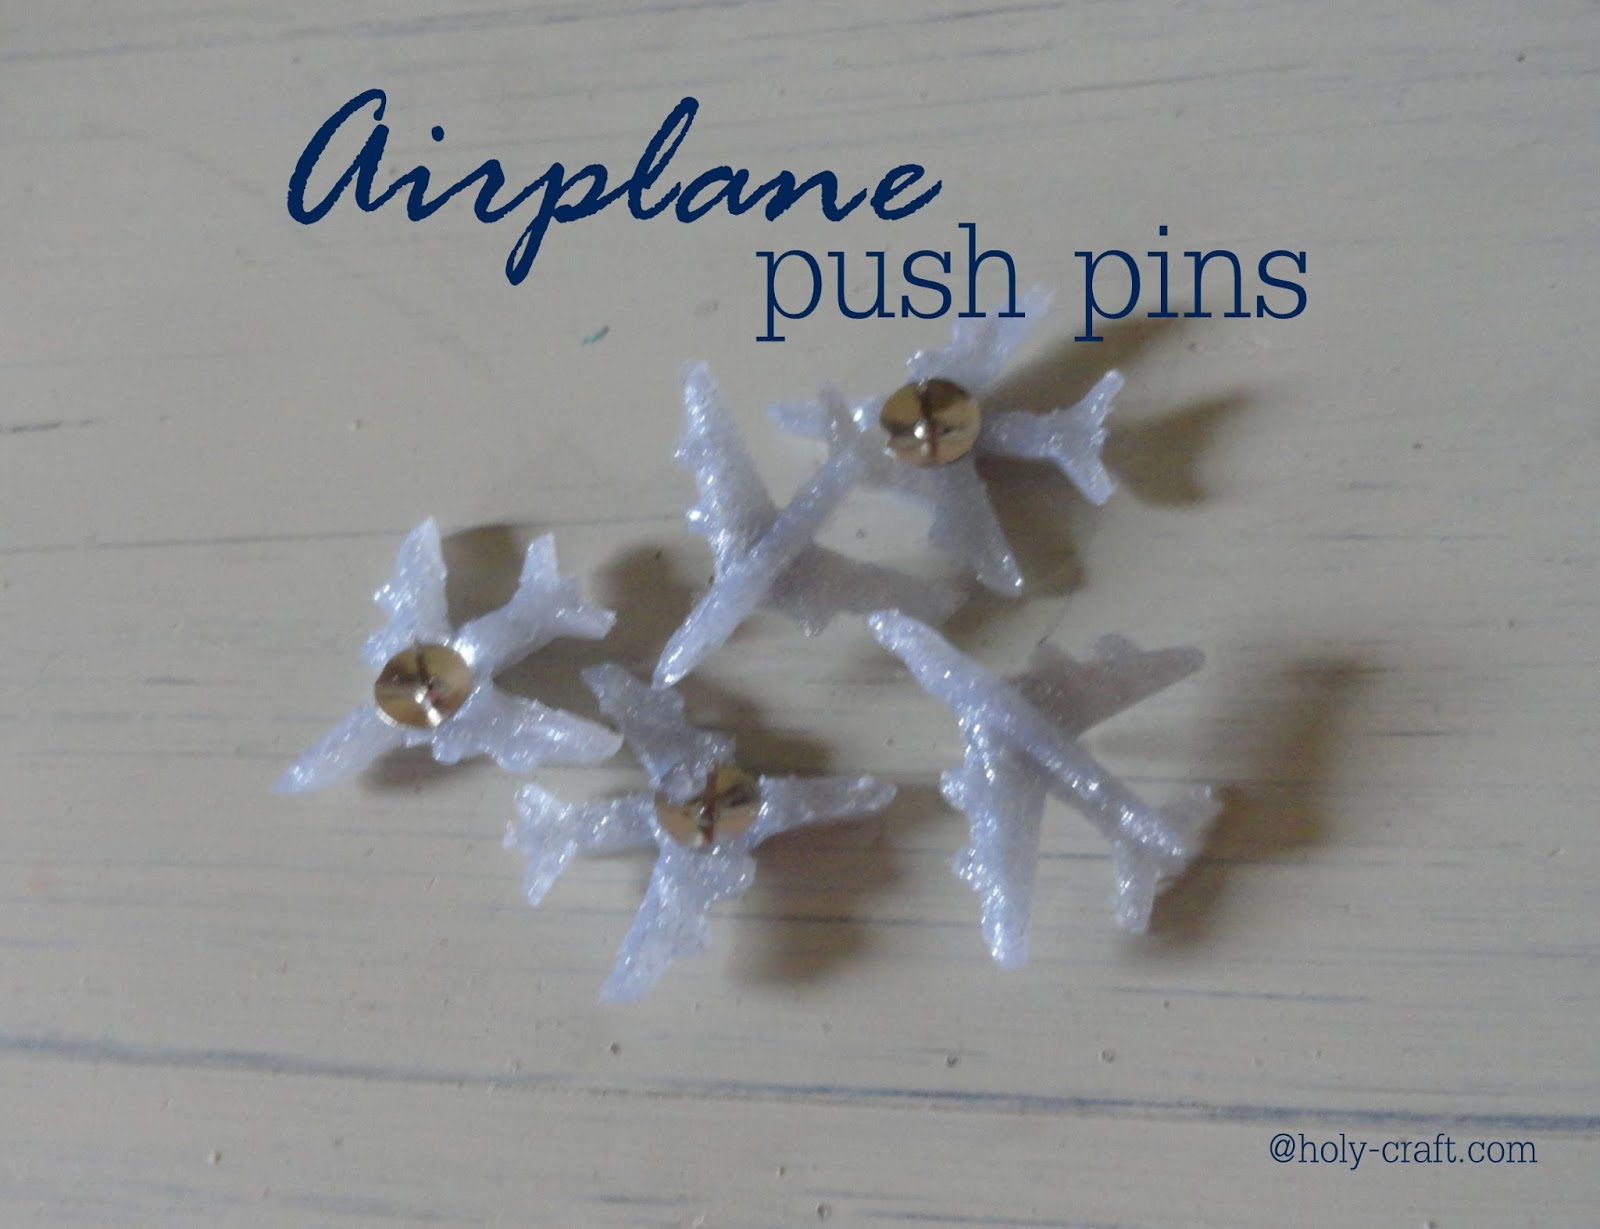 http://4.bp.blogspot.com/-jXWyACe3TxQ/U7YAX50LuSI/AAAAAAAAaGE/yzYqDJ6wD5w/s1600/airplane+push+pins+final.jpg